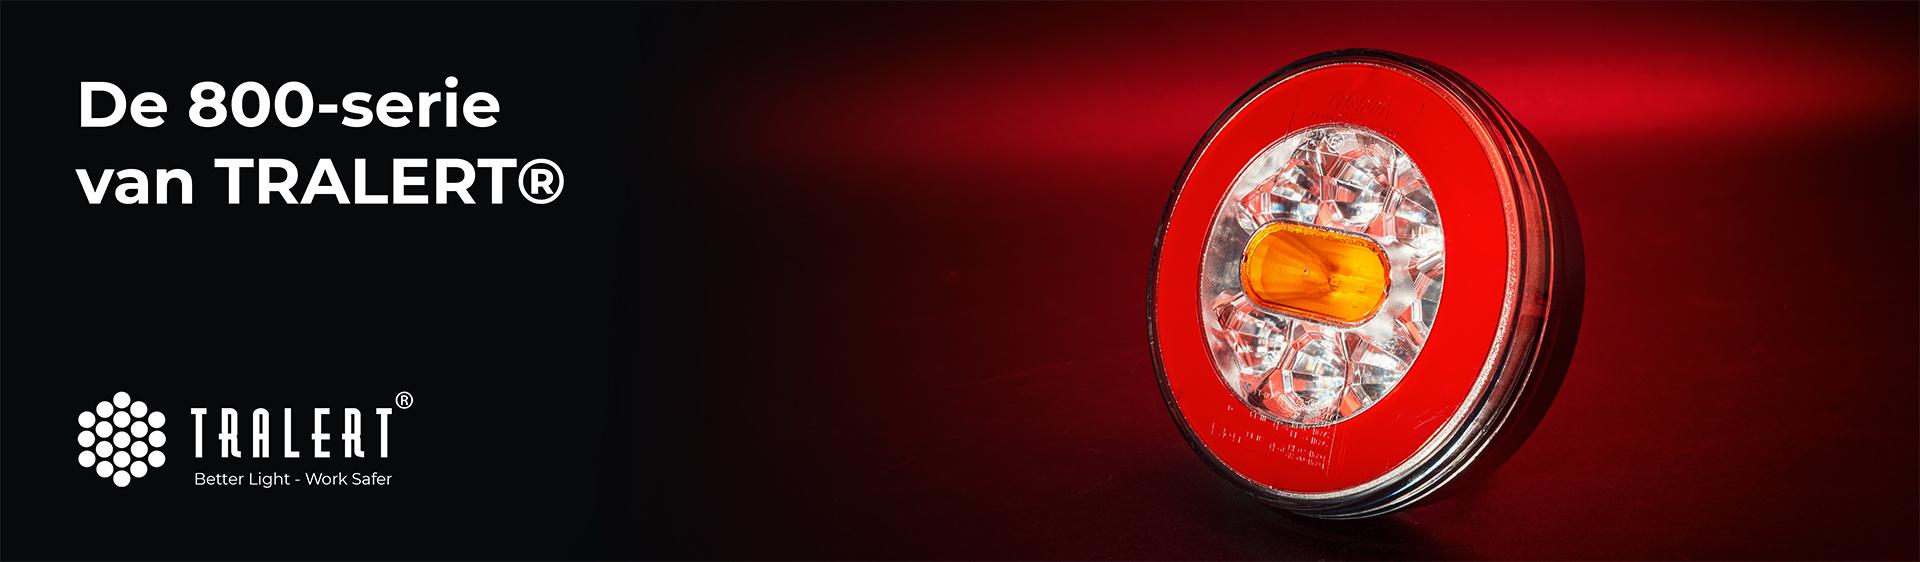 Tralert 800-serie LED achterlichten